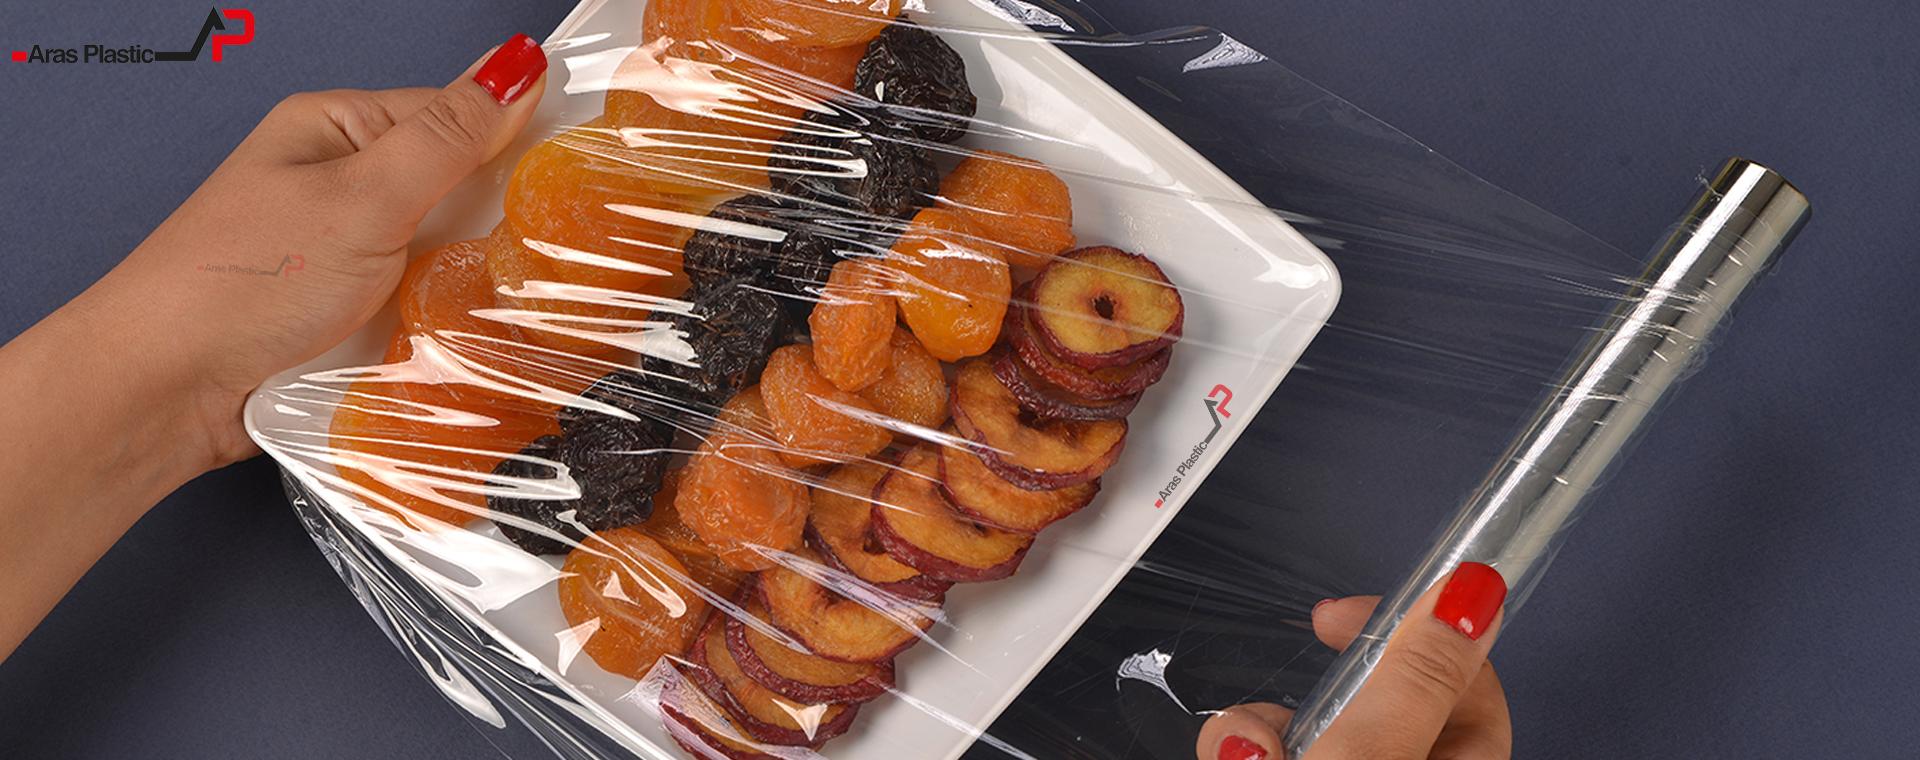 استرچ غذایی آراس پلاستیک